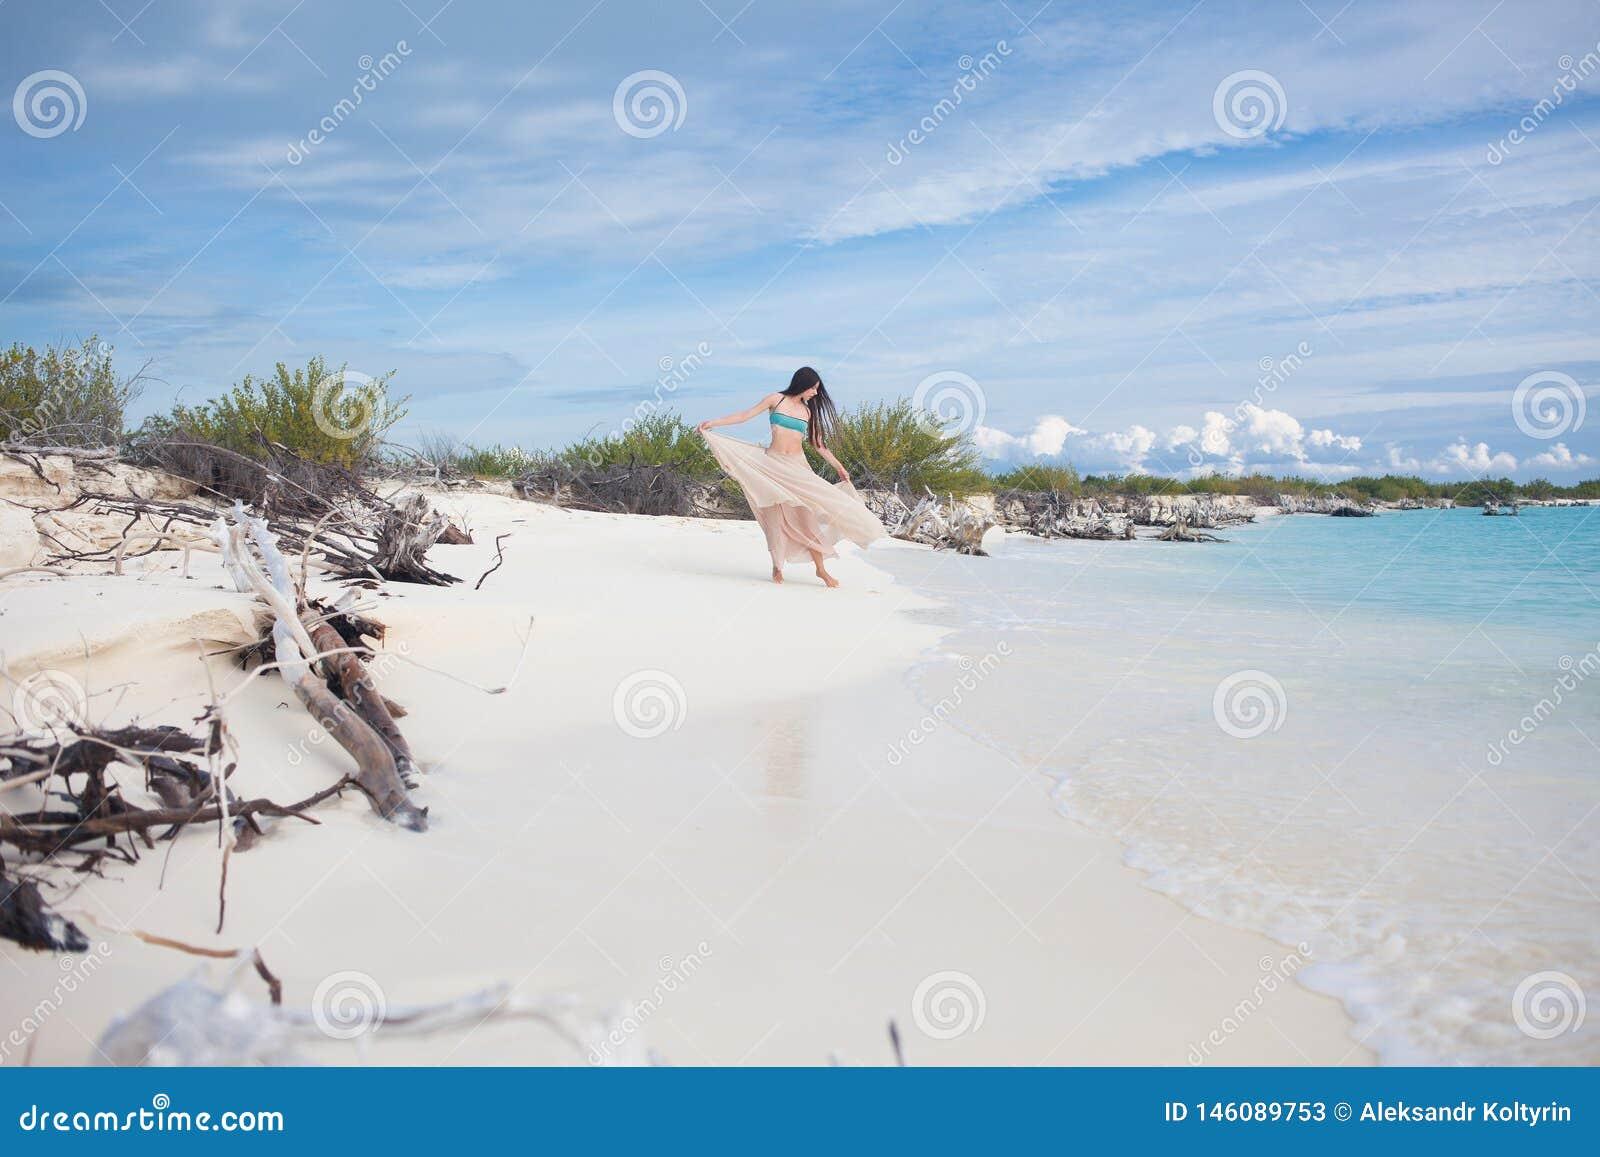 Junge attraktive Frau im Bikini und im langen Rock Schönes Mädchen genießt die Sommersonne